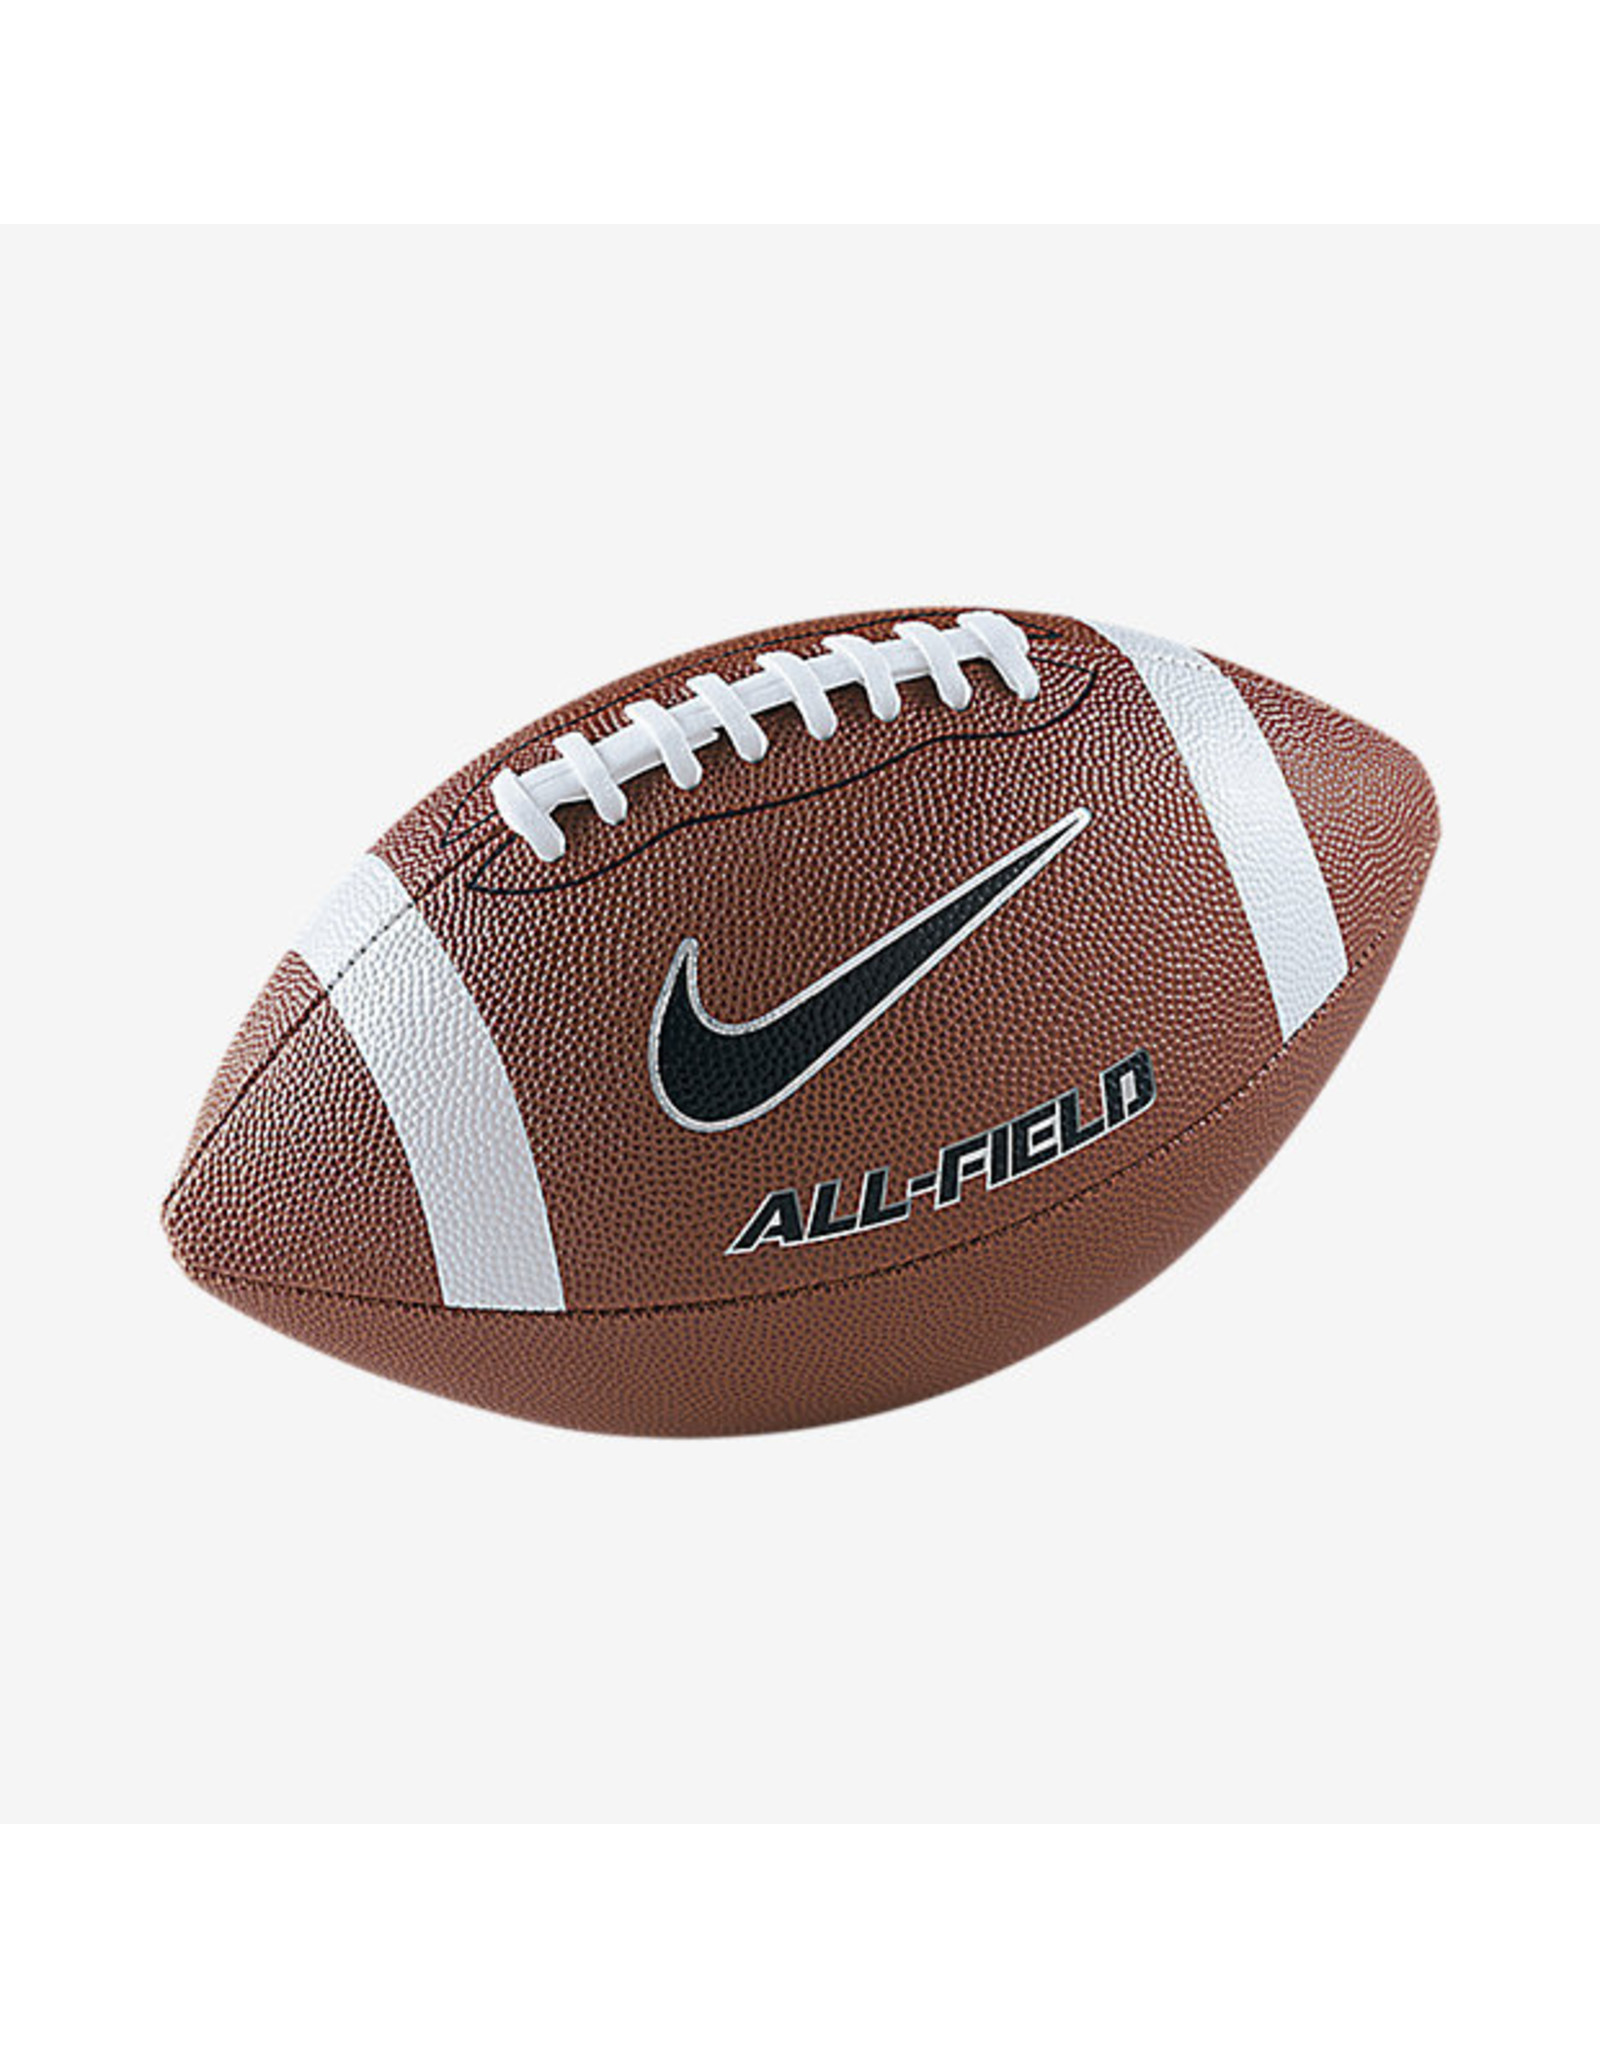 Nike RUGBYBAL NIKE ALL-FIELD 3.0 F